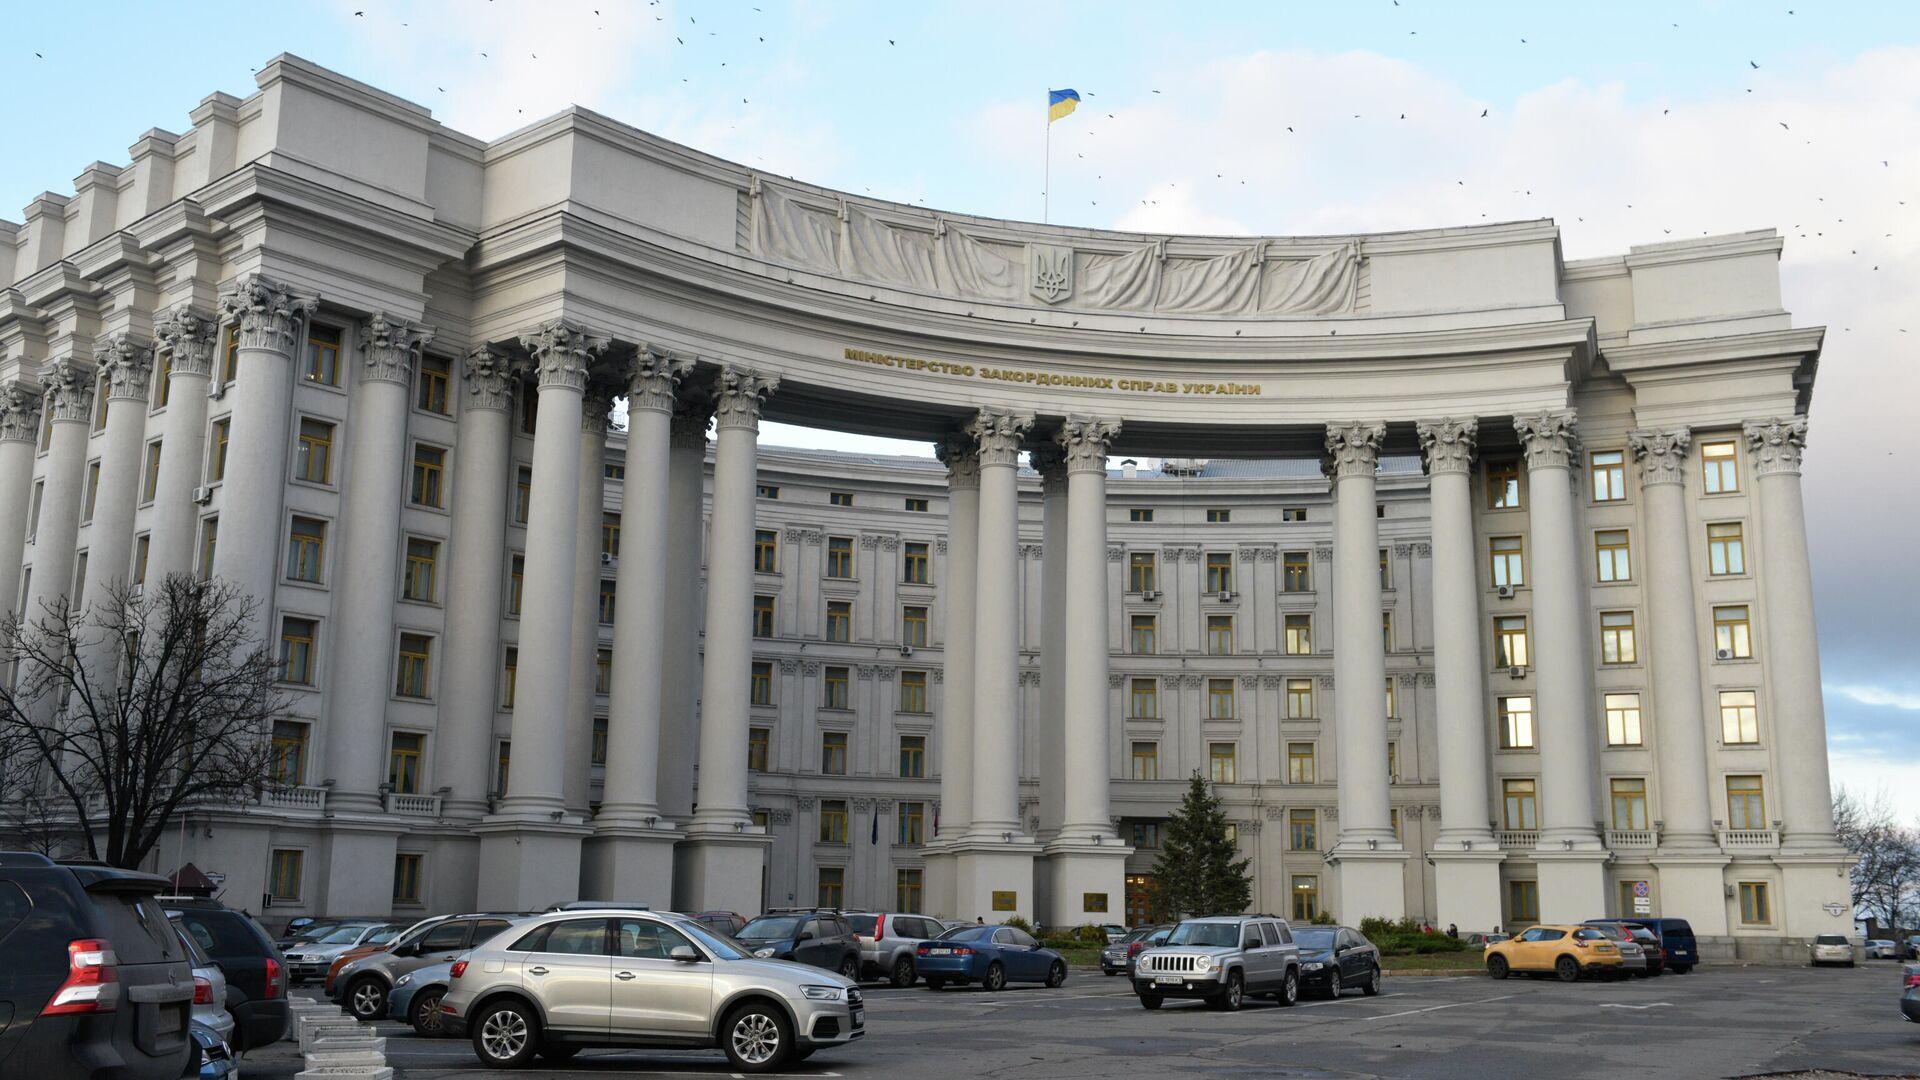 Здание министерства иностранных дел в Киеве. - РИА Новости, 1920, 28.09.2021